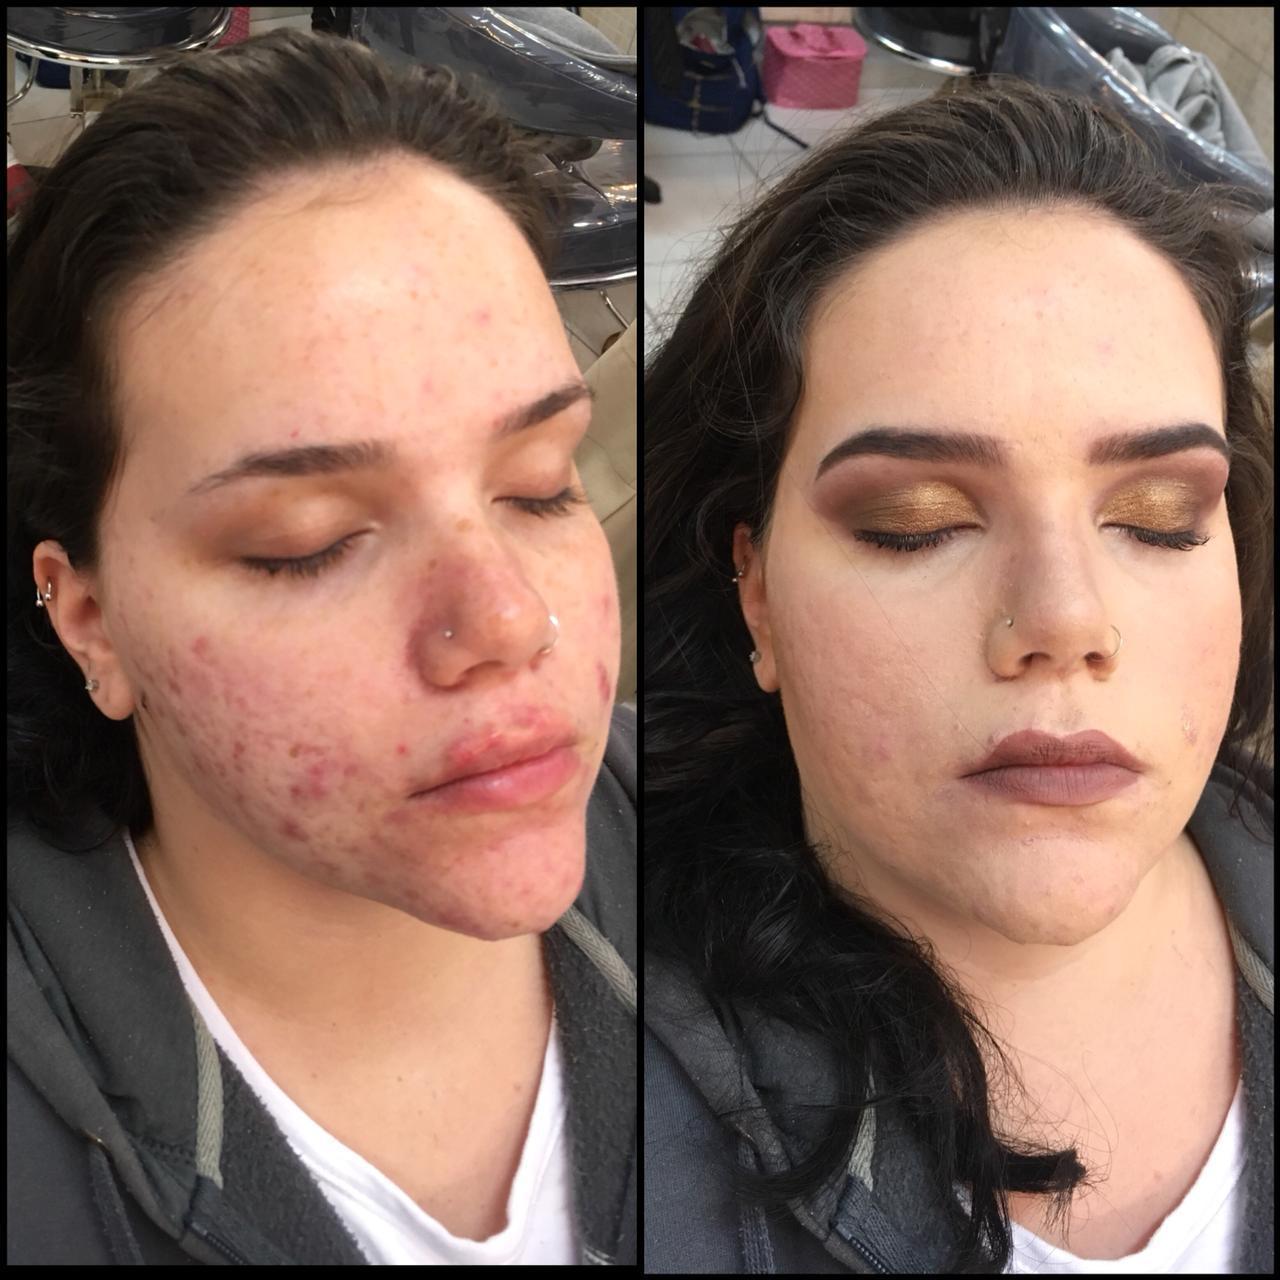 pele acneica antes e depois. maquiagem maquiador(a)